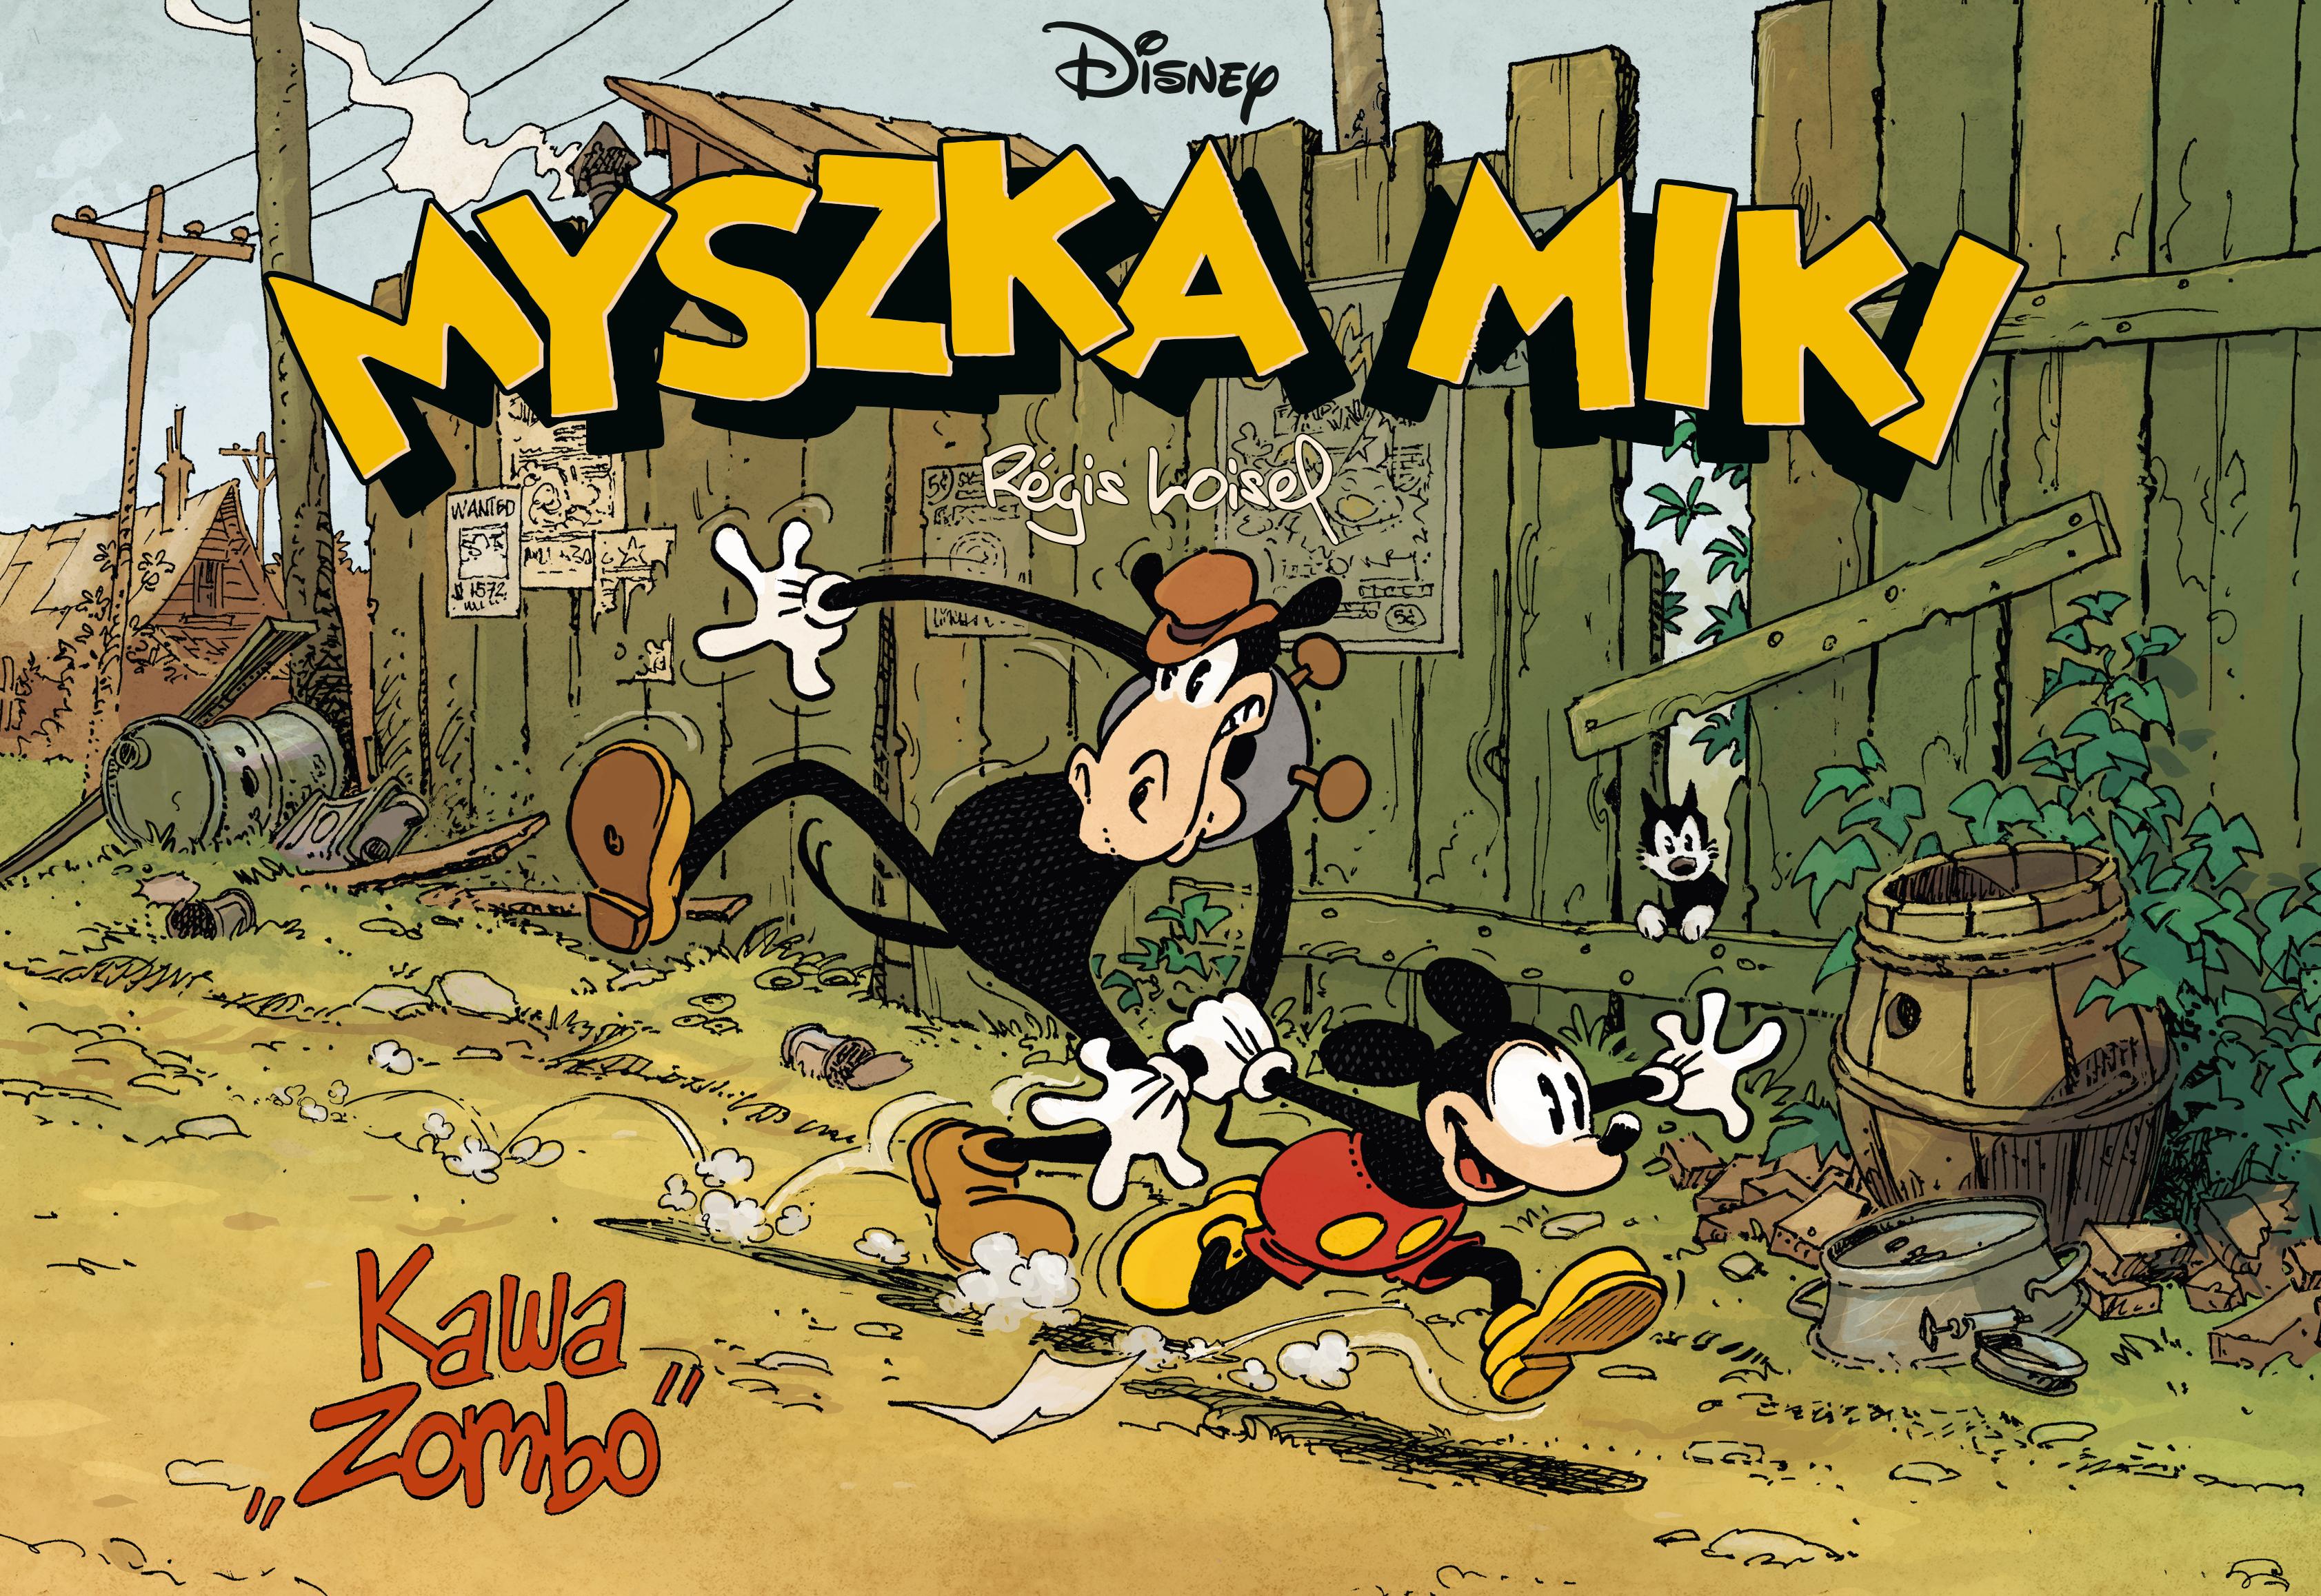 Kawa zombo Myszka Miki